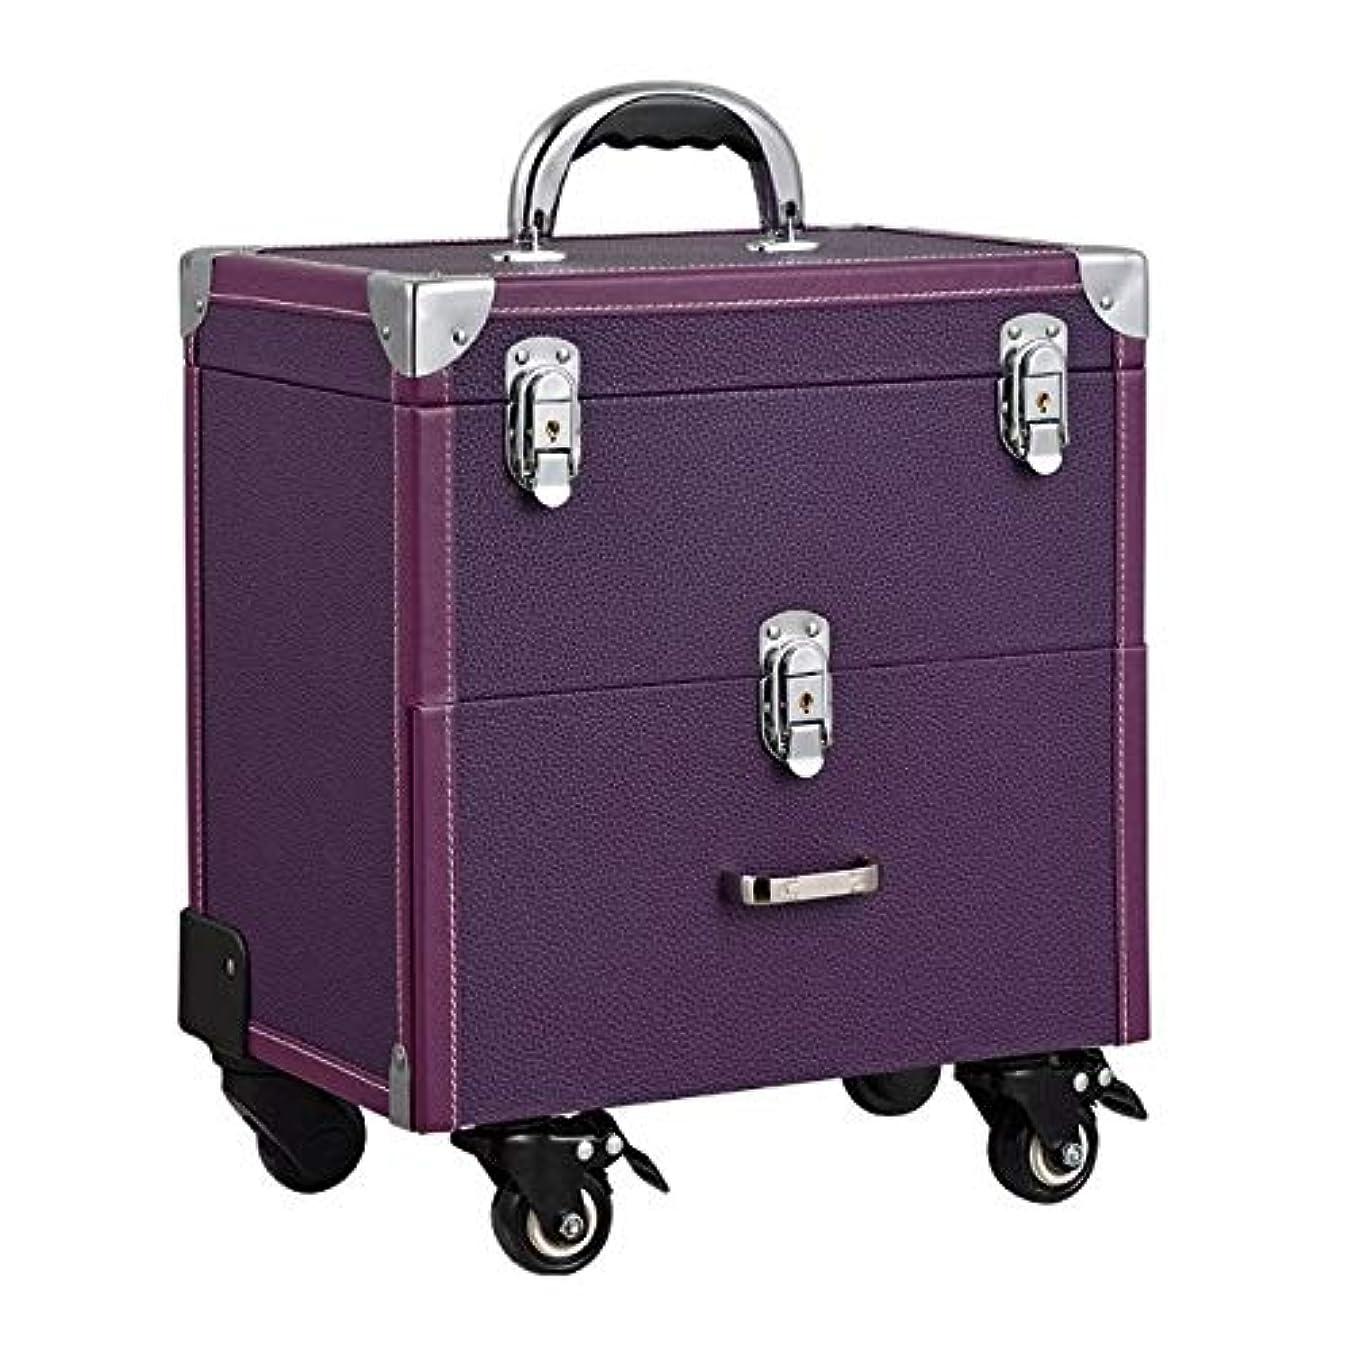 一握り小さなねばねば化粧箱、大容量ダブルポール化粧品ケース、ポータブル旅行化粧品袋収納袋、美容化粧ネイルジュエリー収納ボックス (Color : Purple)